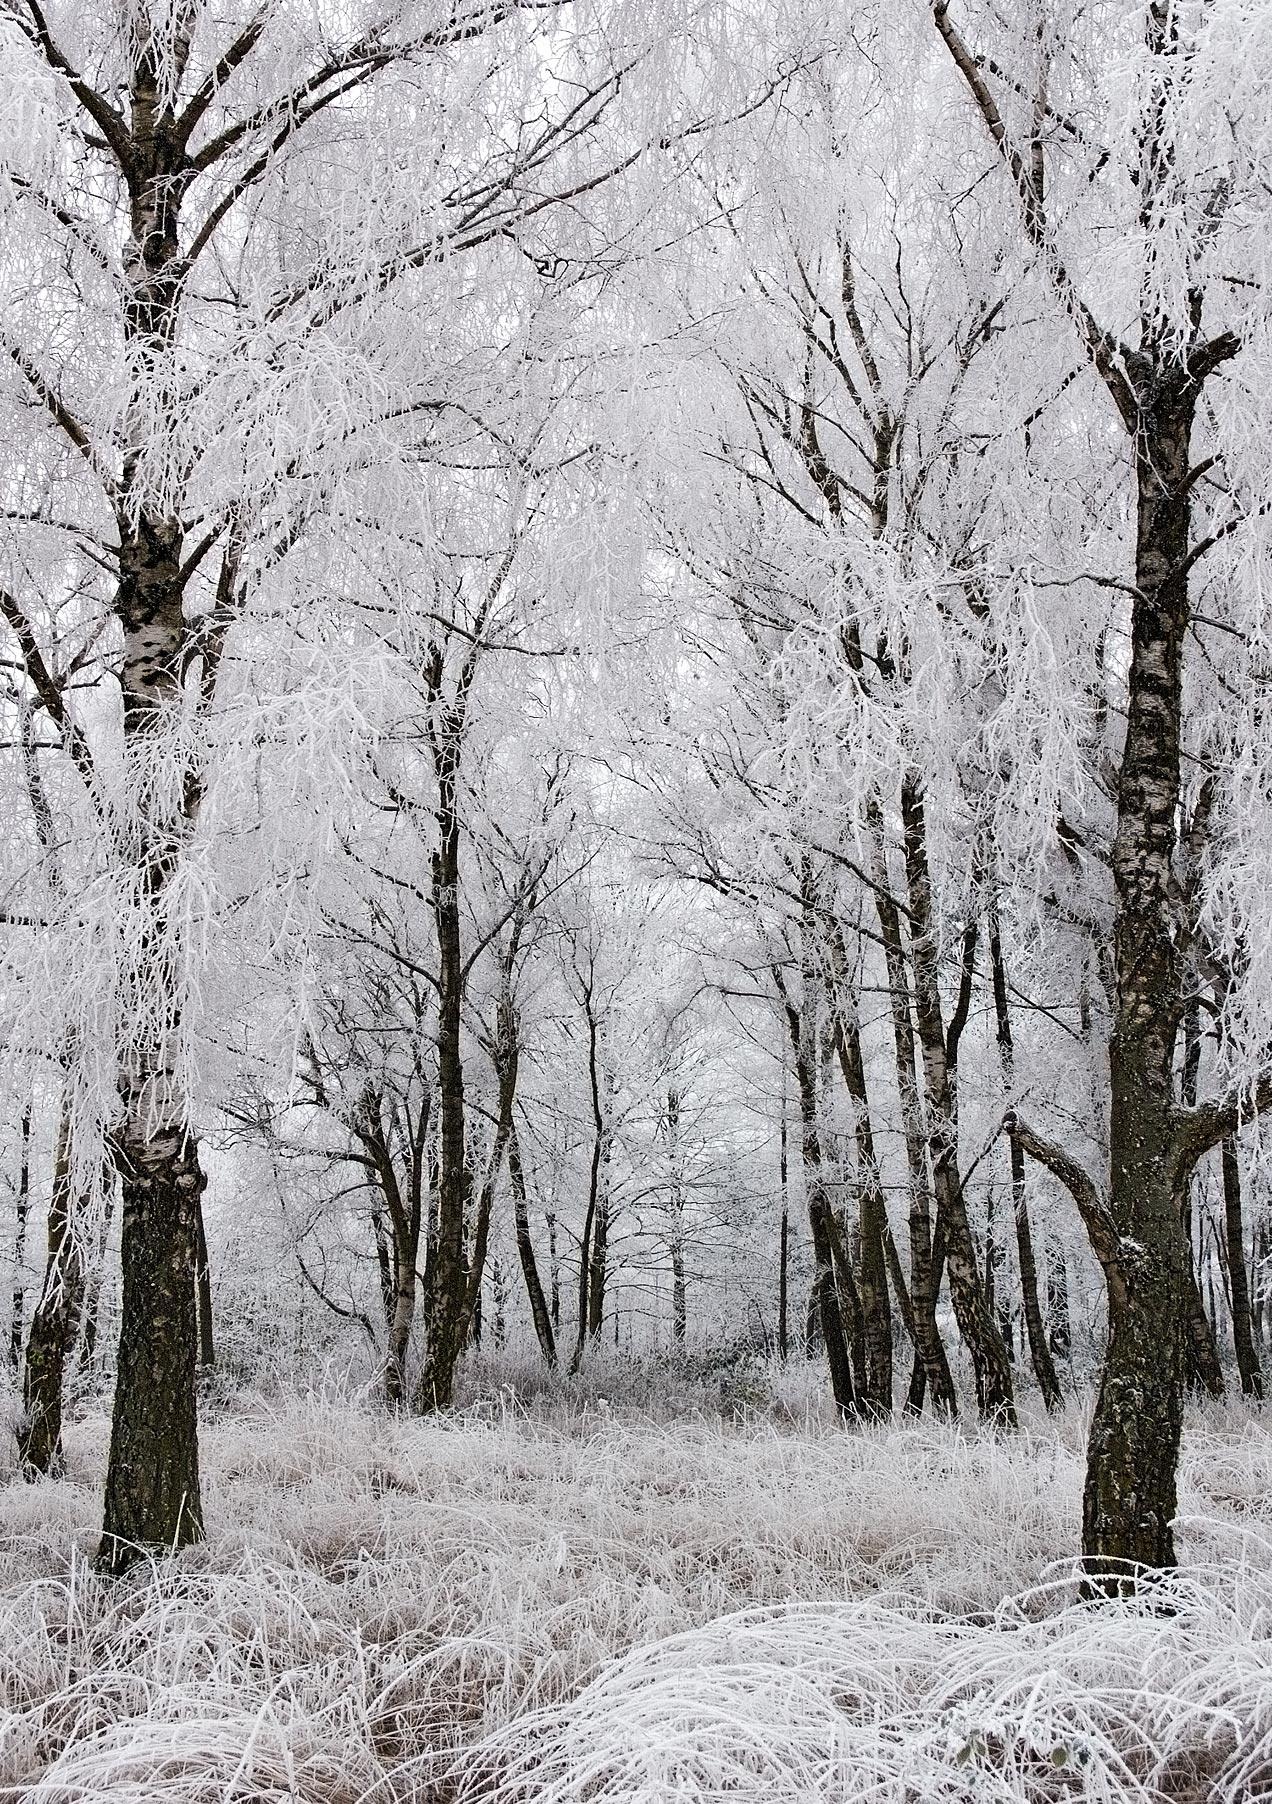 Landschaftsbild Wald im Raureif